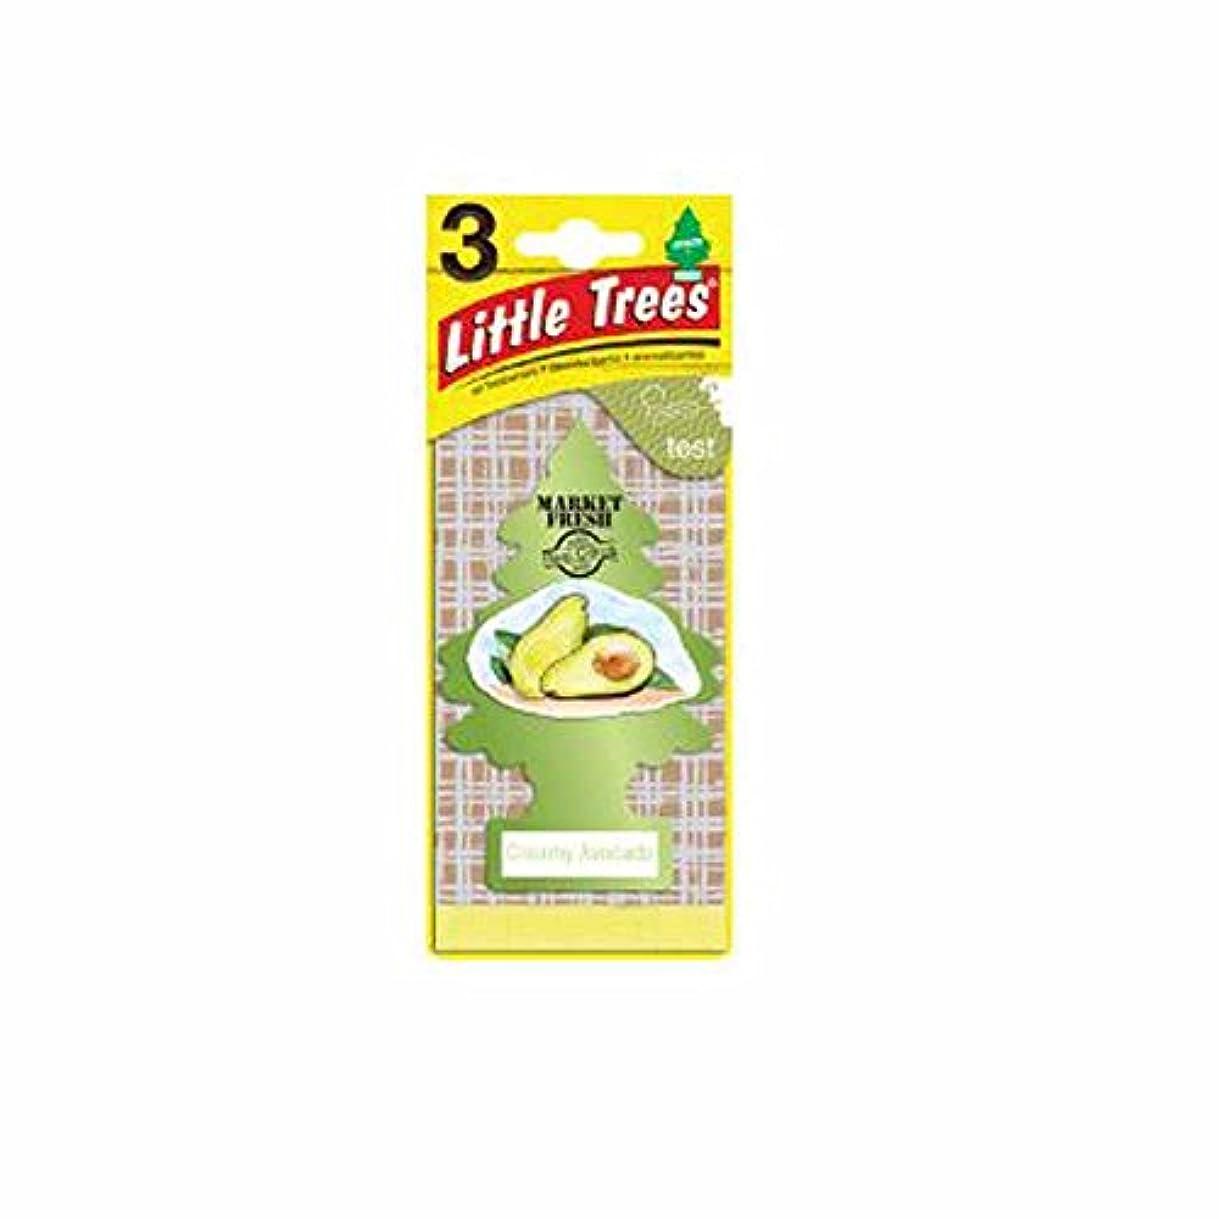 細い爆発物ソーセージLittle Trees 吊下げタイプ エアーフレッシュナー creamy avocado(クリーミーアボカド) 3枚セット(3P) U3S-37340